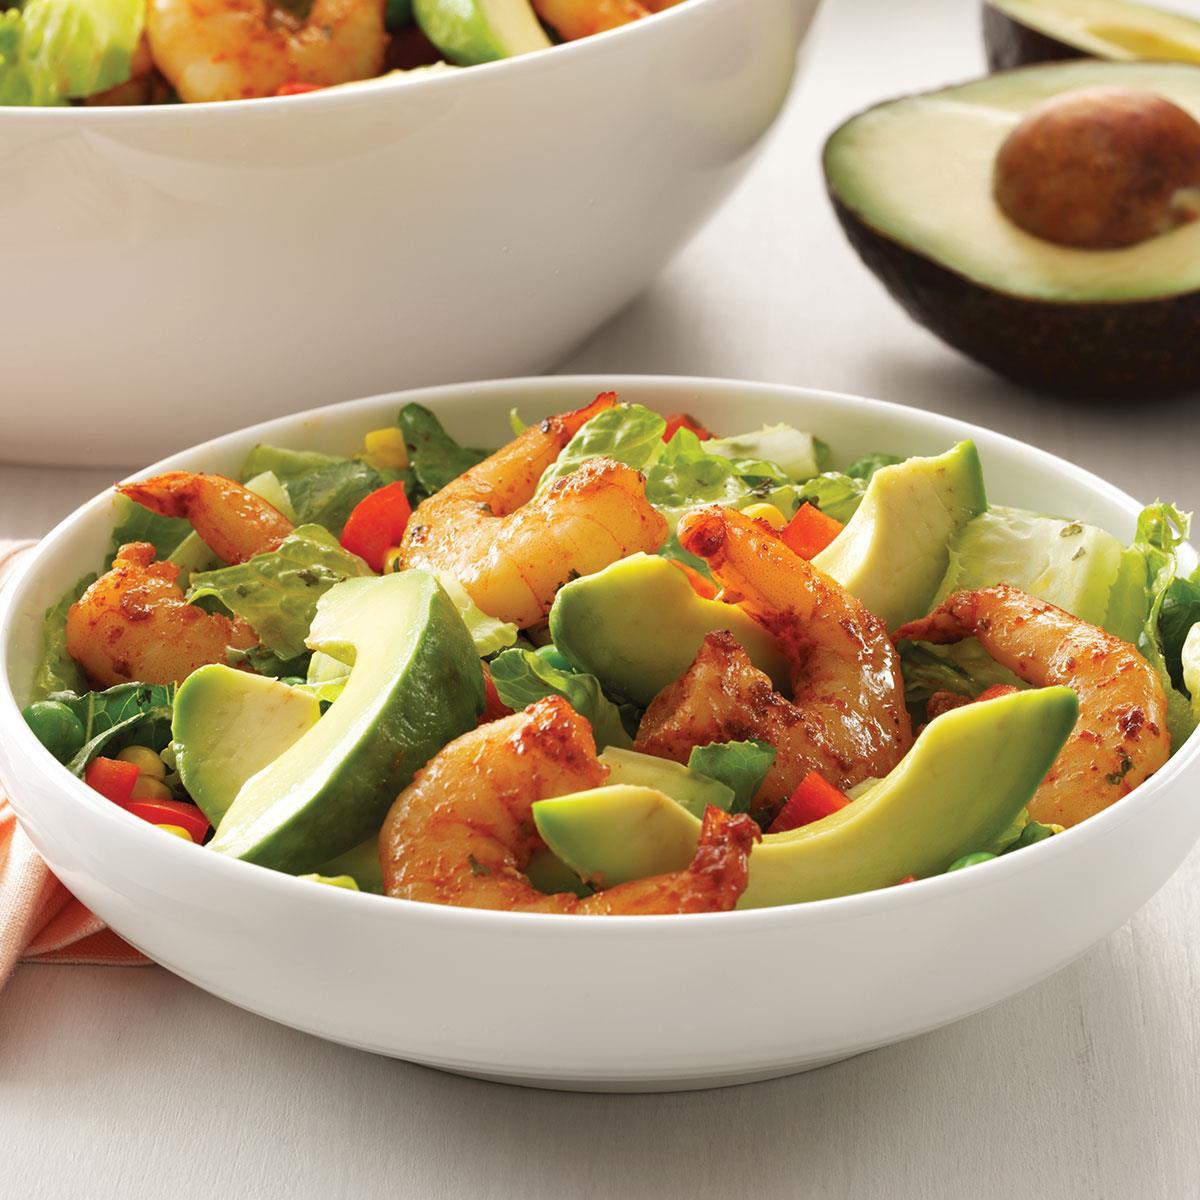 Shrimp Salad Dressings  Shrimp Salad with Cilantro Dressing Recipe